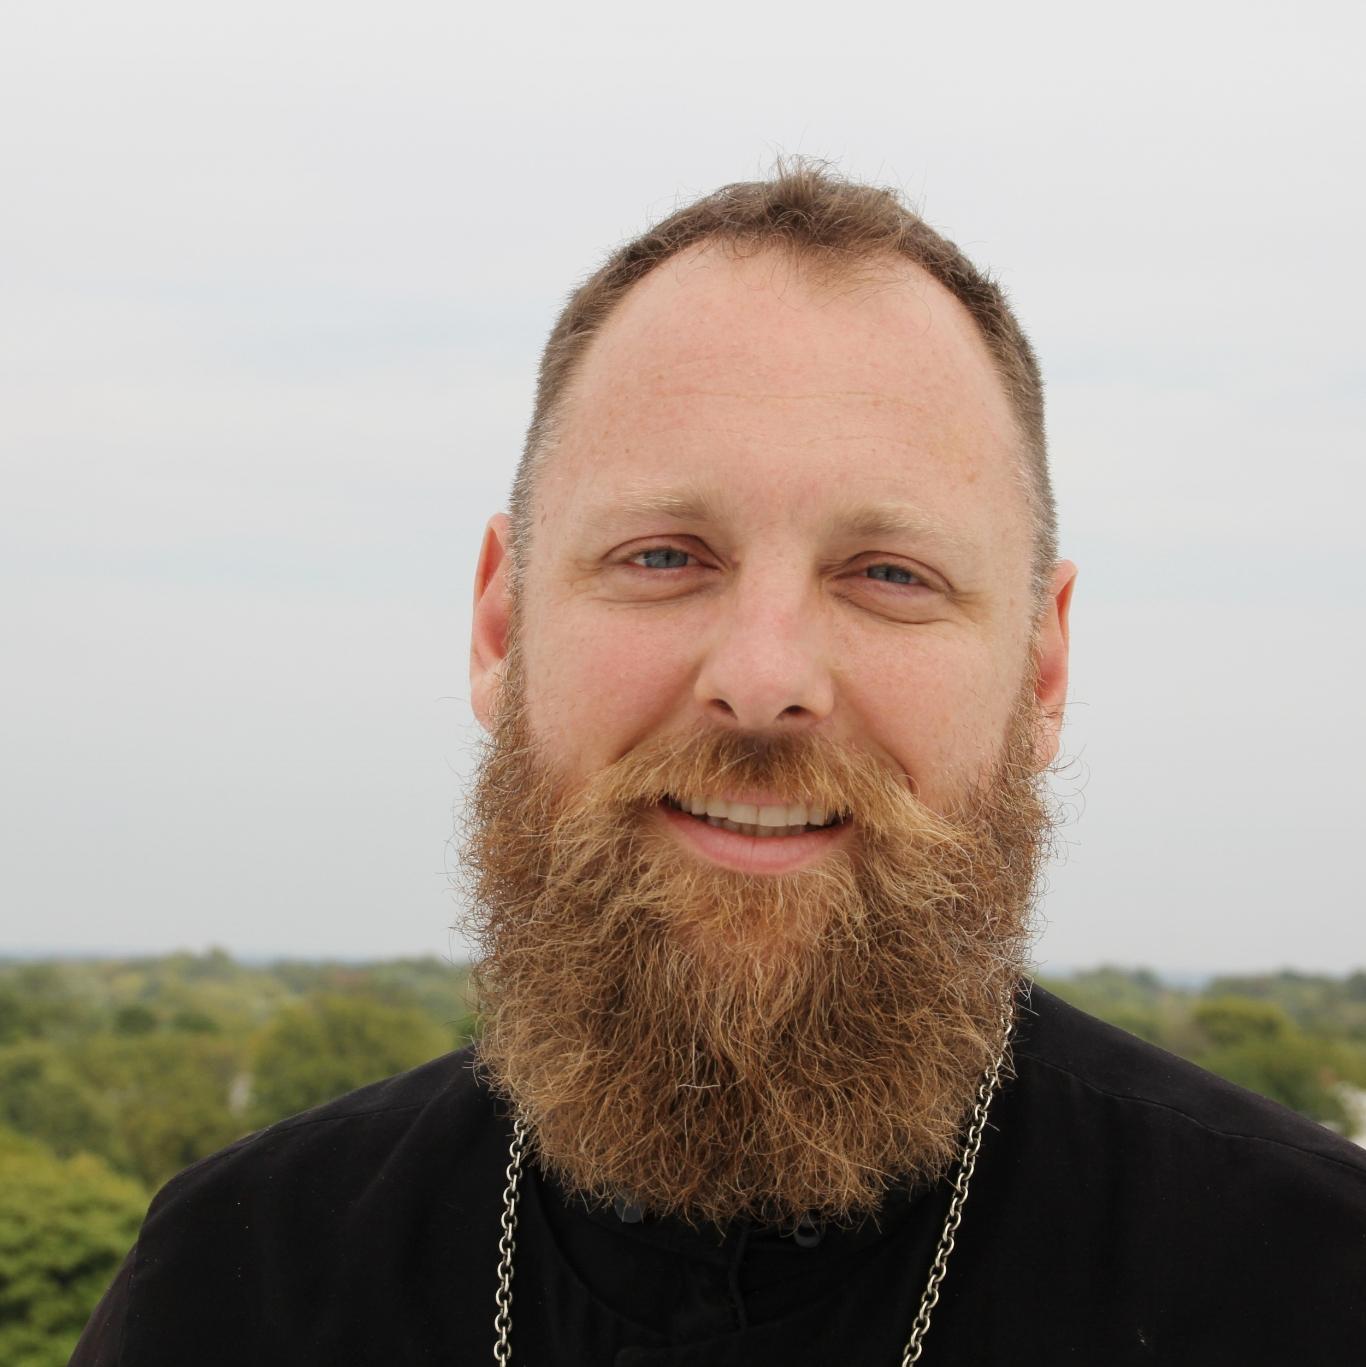 Father Justin Mathews -- Executive Director